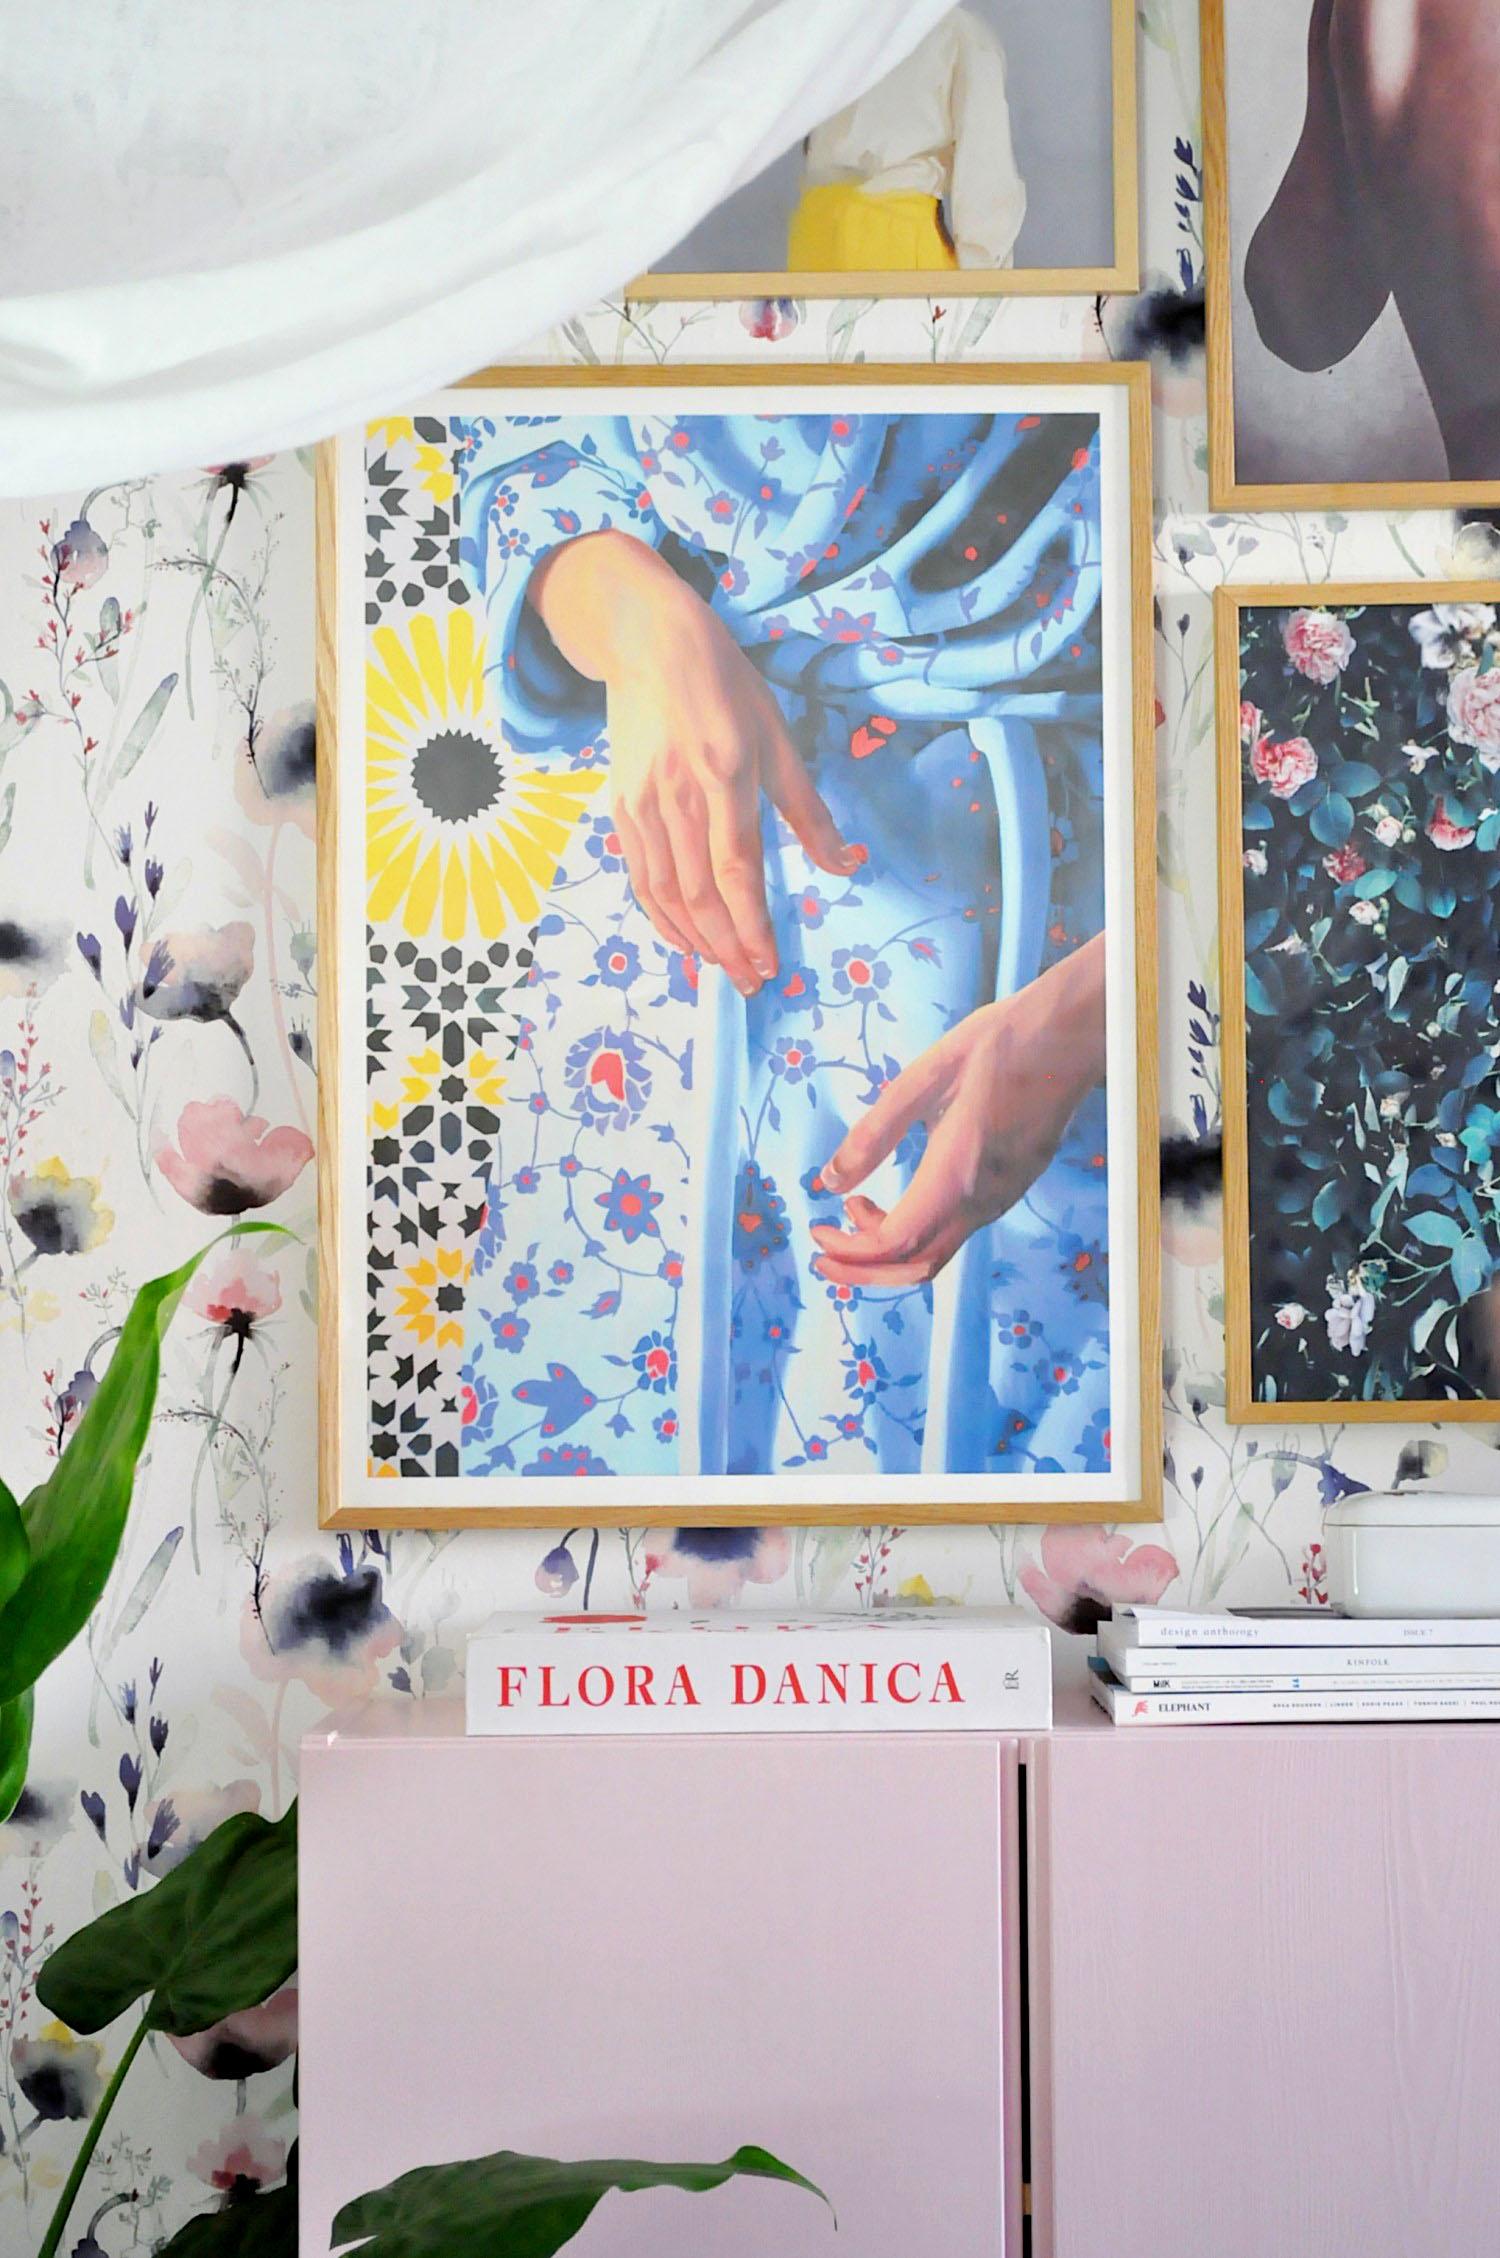 plakater-posters-kunsttryk, giclee-tryk, farverige, figurative, grafiske, portræt, kroppe, mønstre, religion, beige, blå, røde, hvide, gule, blæk, papir, smukke, samtidskunst, dansk, dekorative, design, kvindelig, blomster, interiør, bolig-indretning, kærlighed, naturlig, naturealistiske, nordisk, romantiske, skandinavisk, levende, kvinder, Køb original kunst og kunstplakater. Malerier, tegninger, limited edition kunsttryk & plakater af dygtige kunstnere.